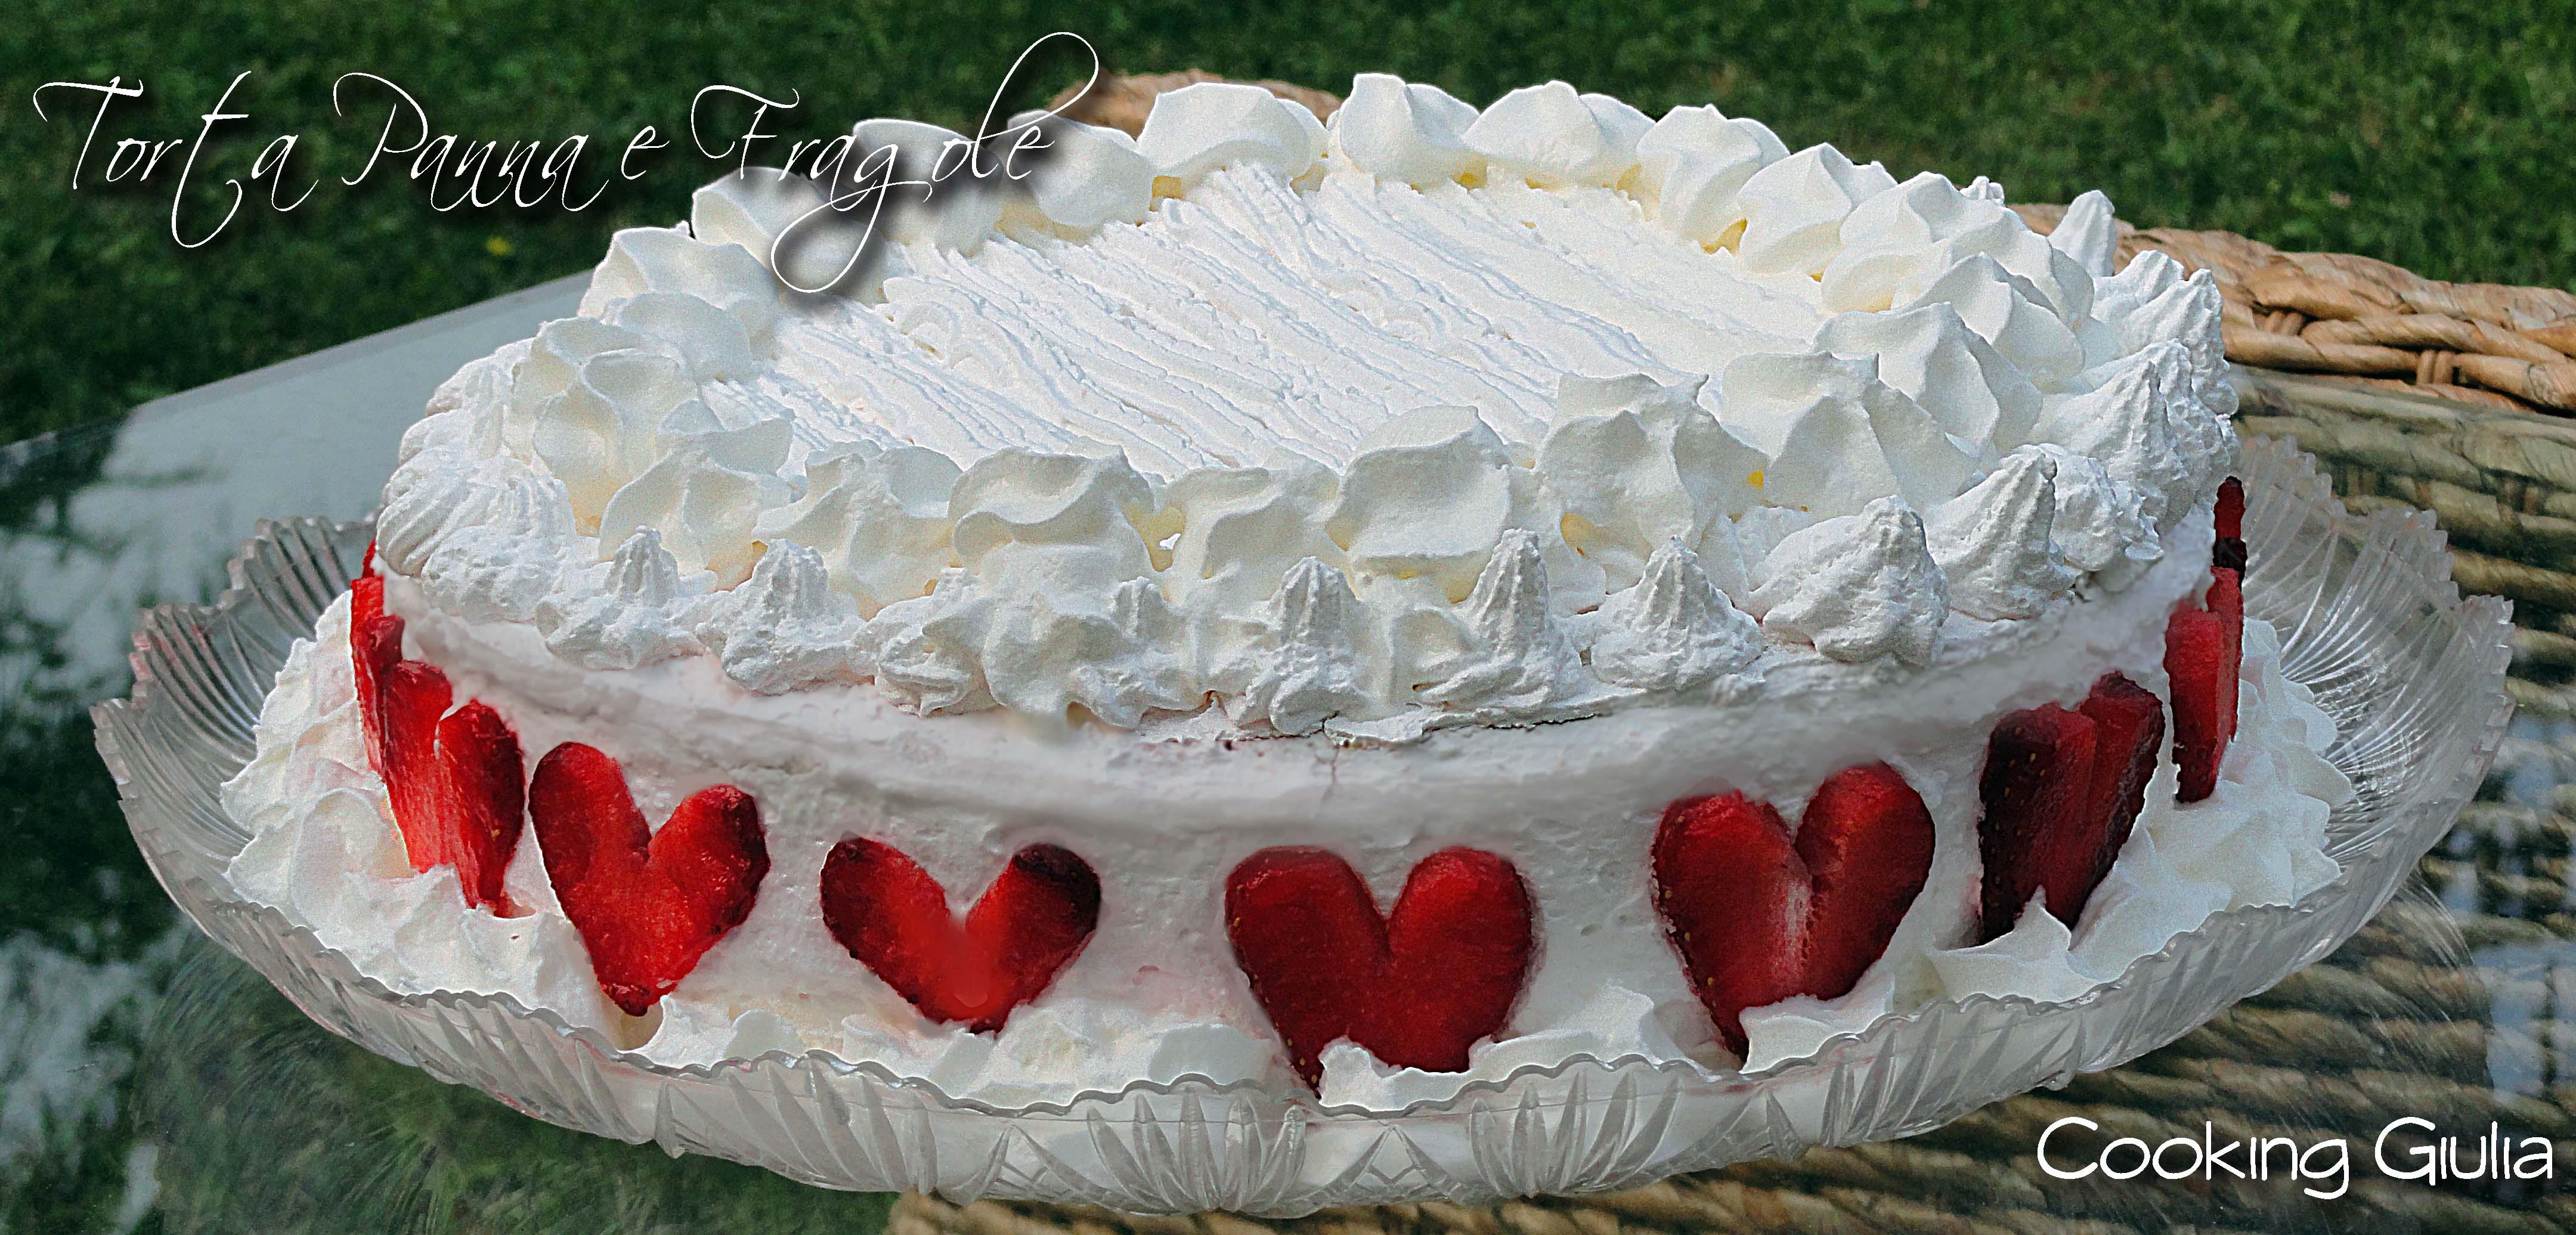 Torta panna e fragole con pan di spagna for Decorazioni torte con fragole e cioccolato